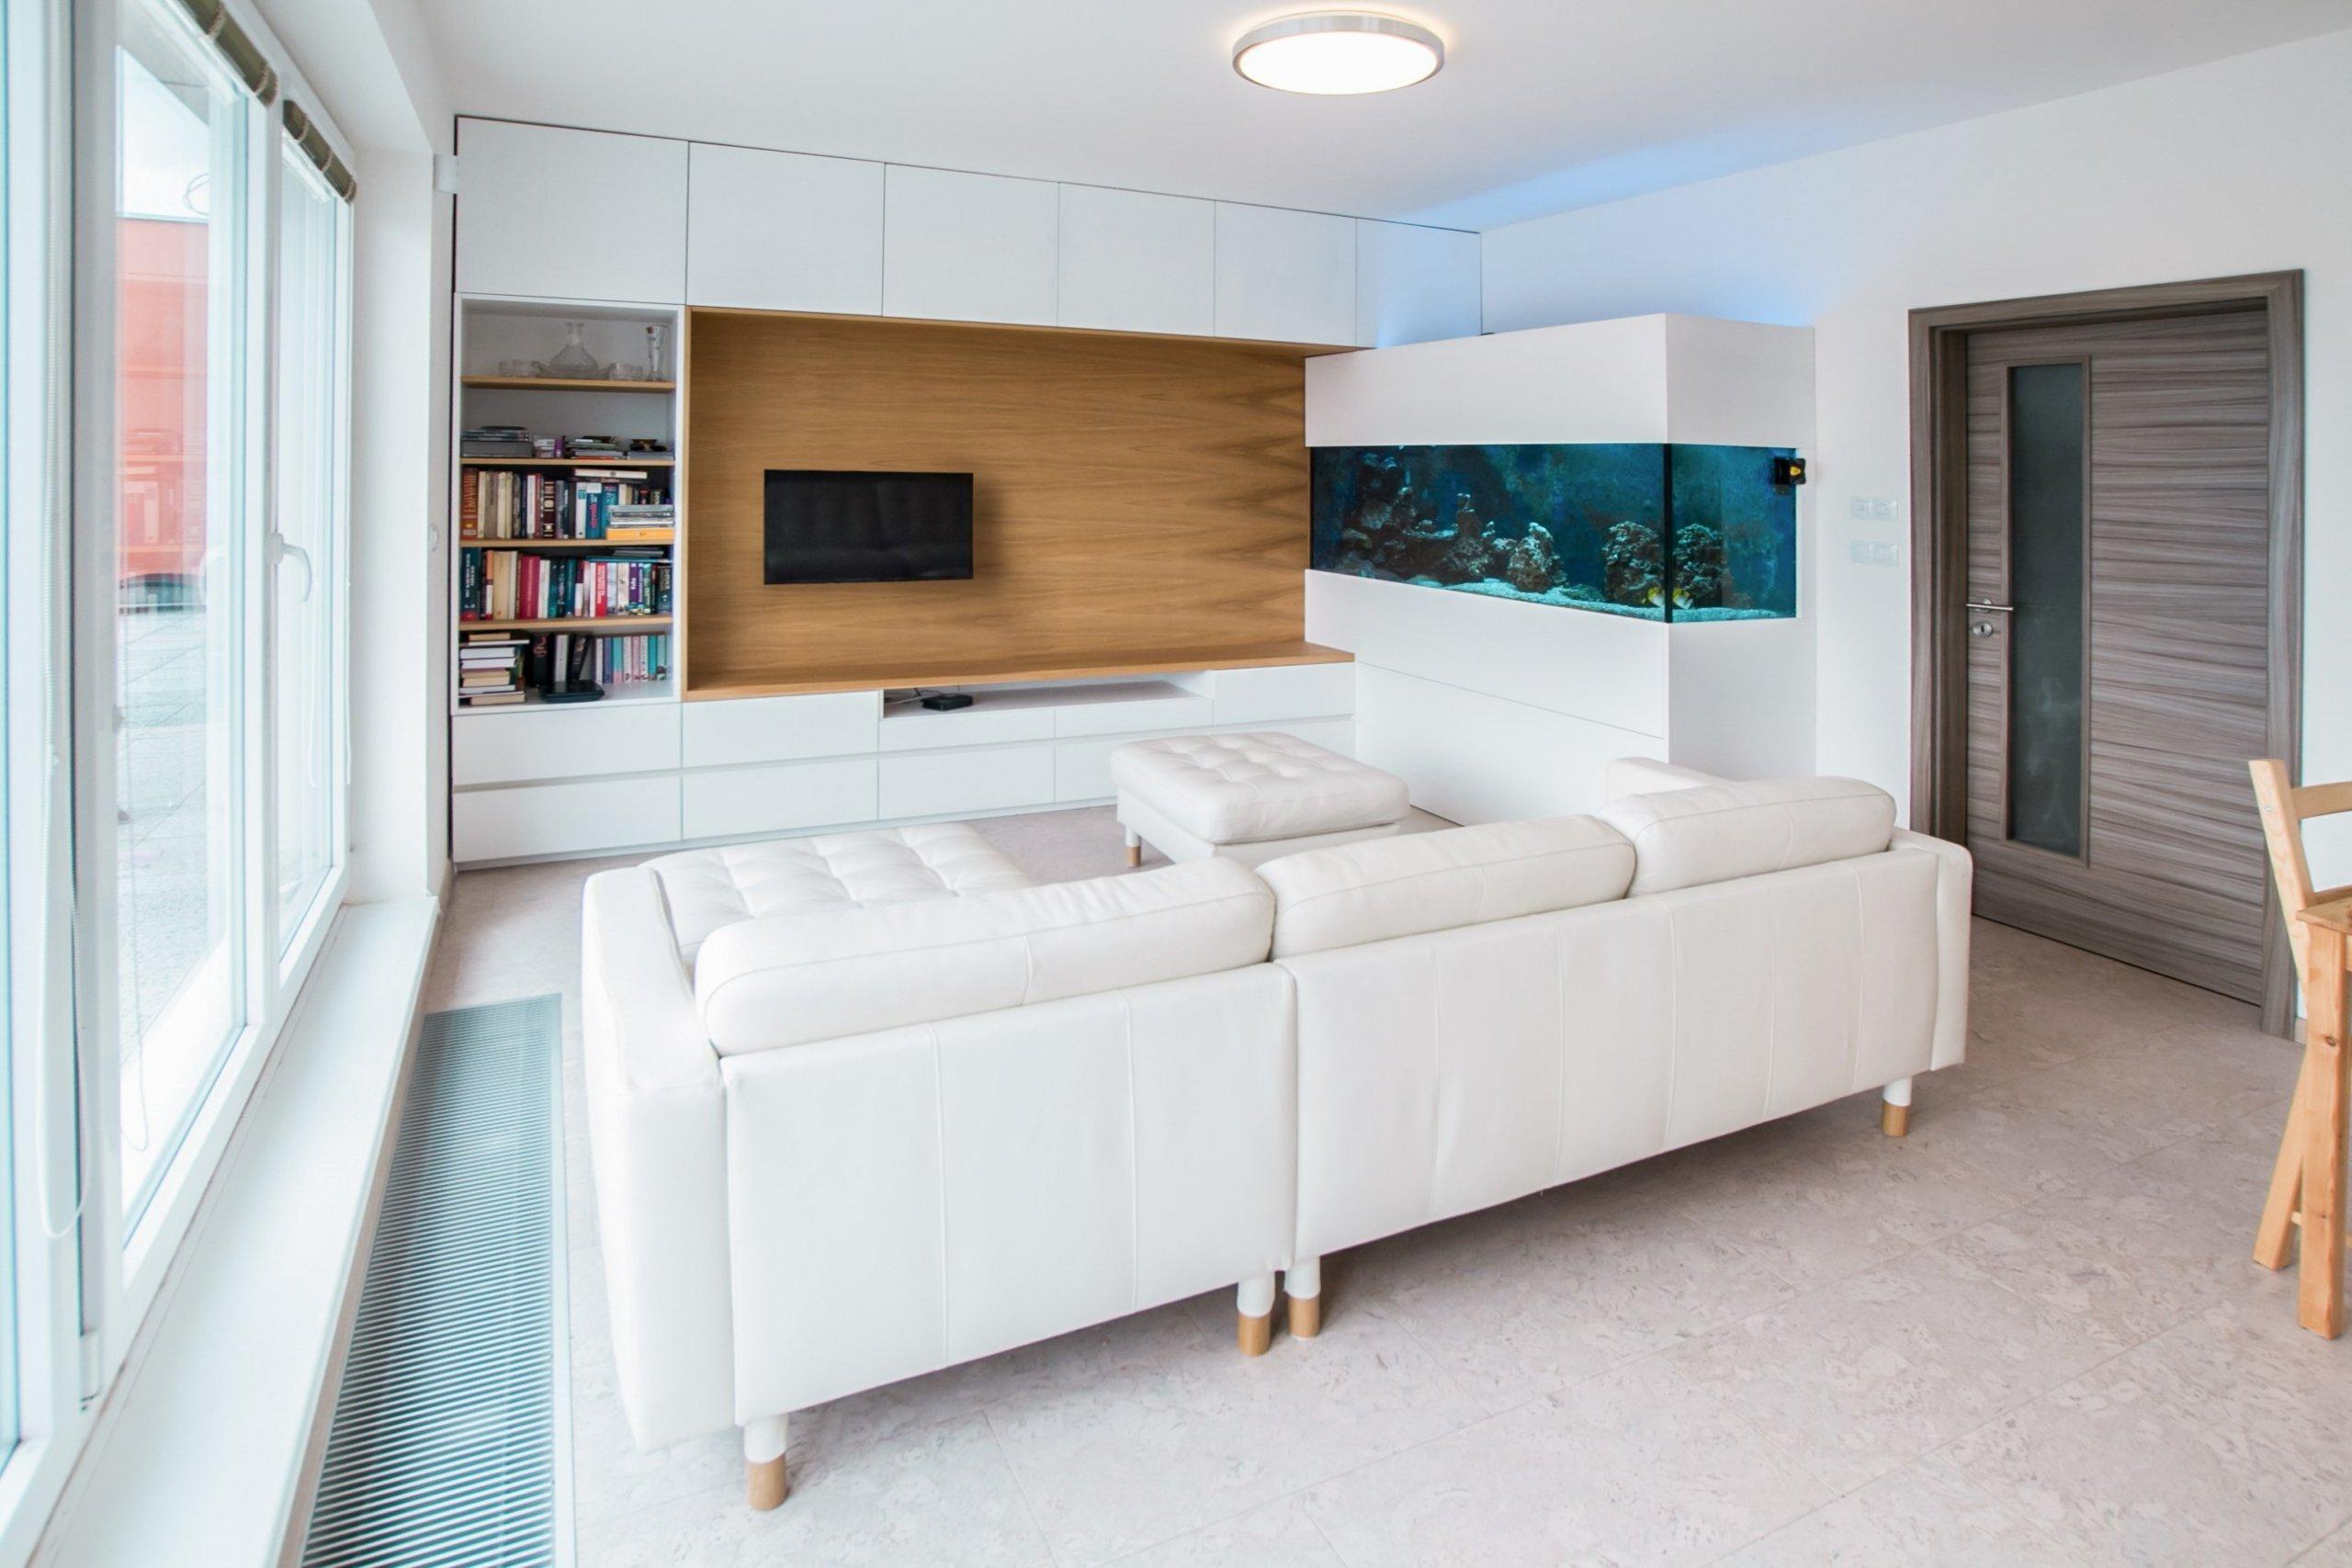 Interiér bytu s akváriem pro mladou rodinku se nese ve znamení přírodních materiálů. Dubový a bílý dekor nábytku spolu s korkovou podlahou působí hřejivě. Do…